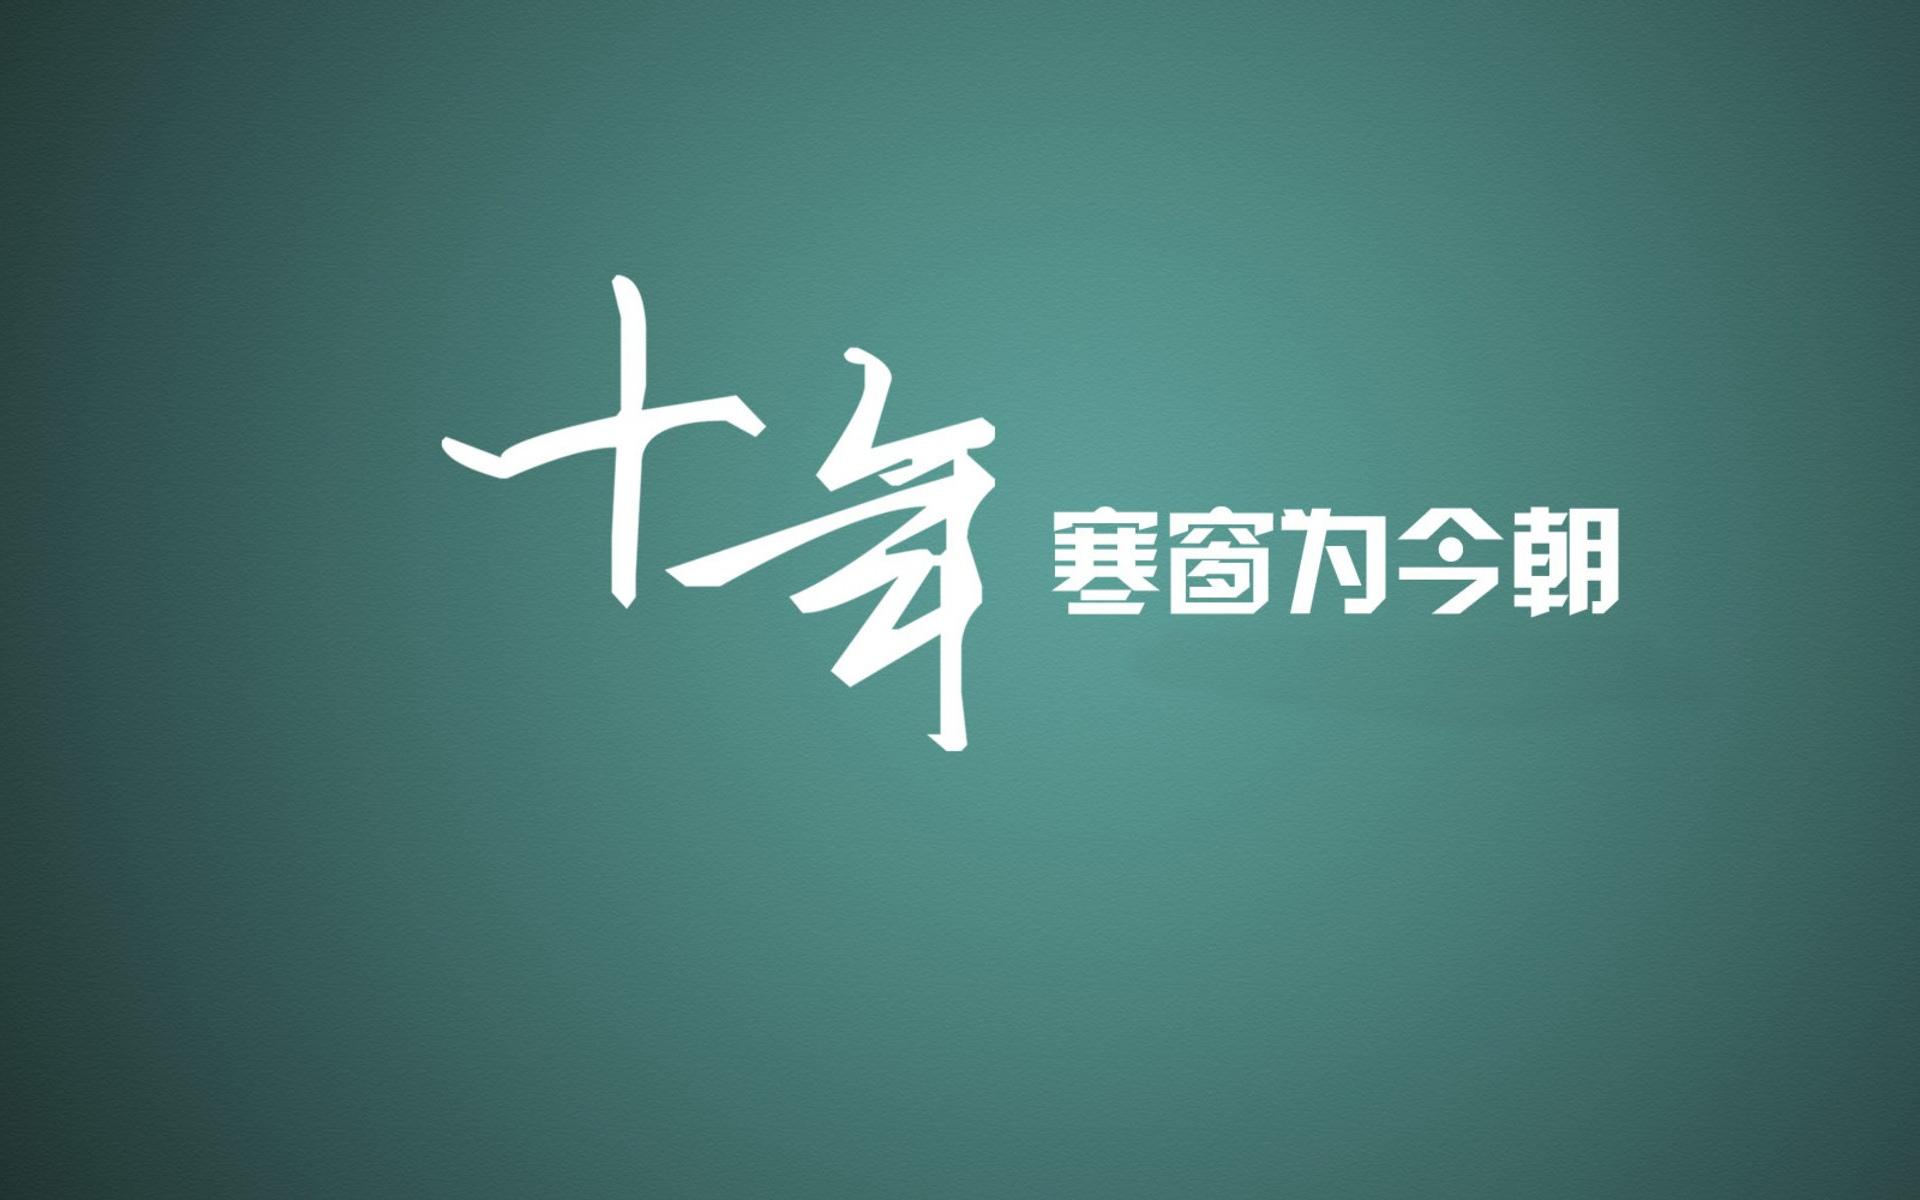 山西阳泉2022年10月自考时间:10月22日-10月23日